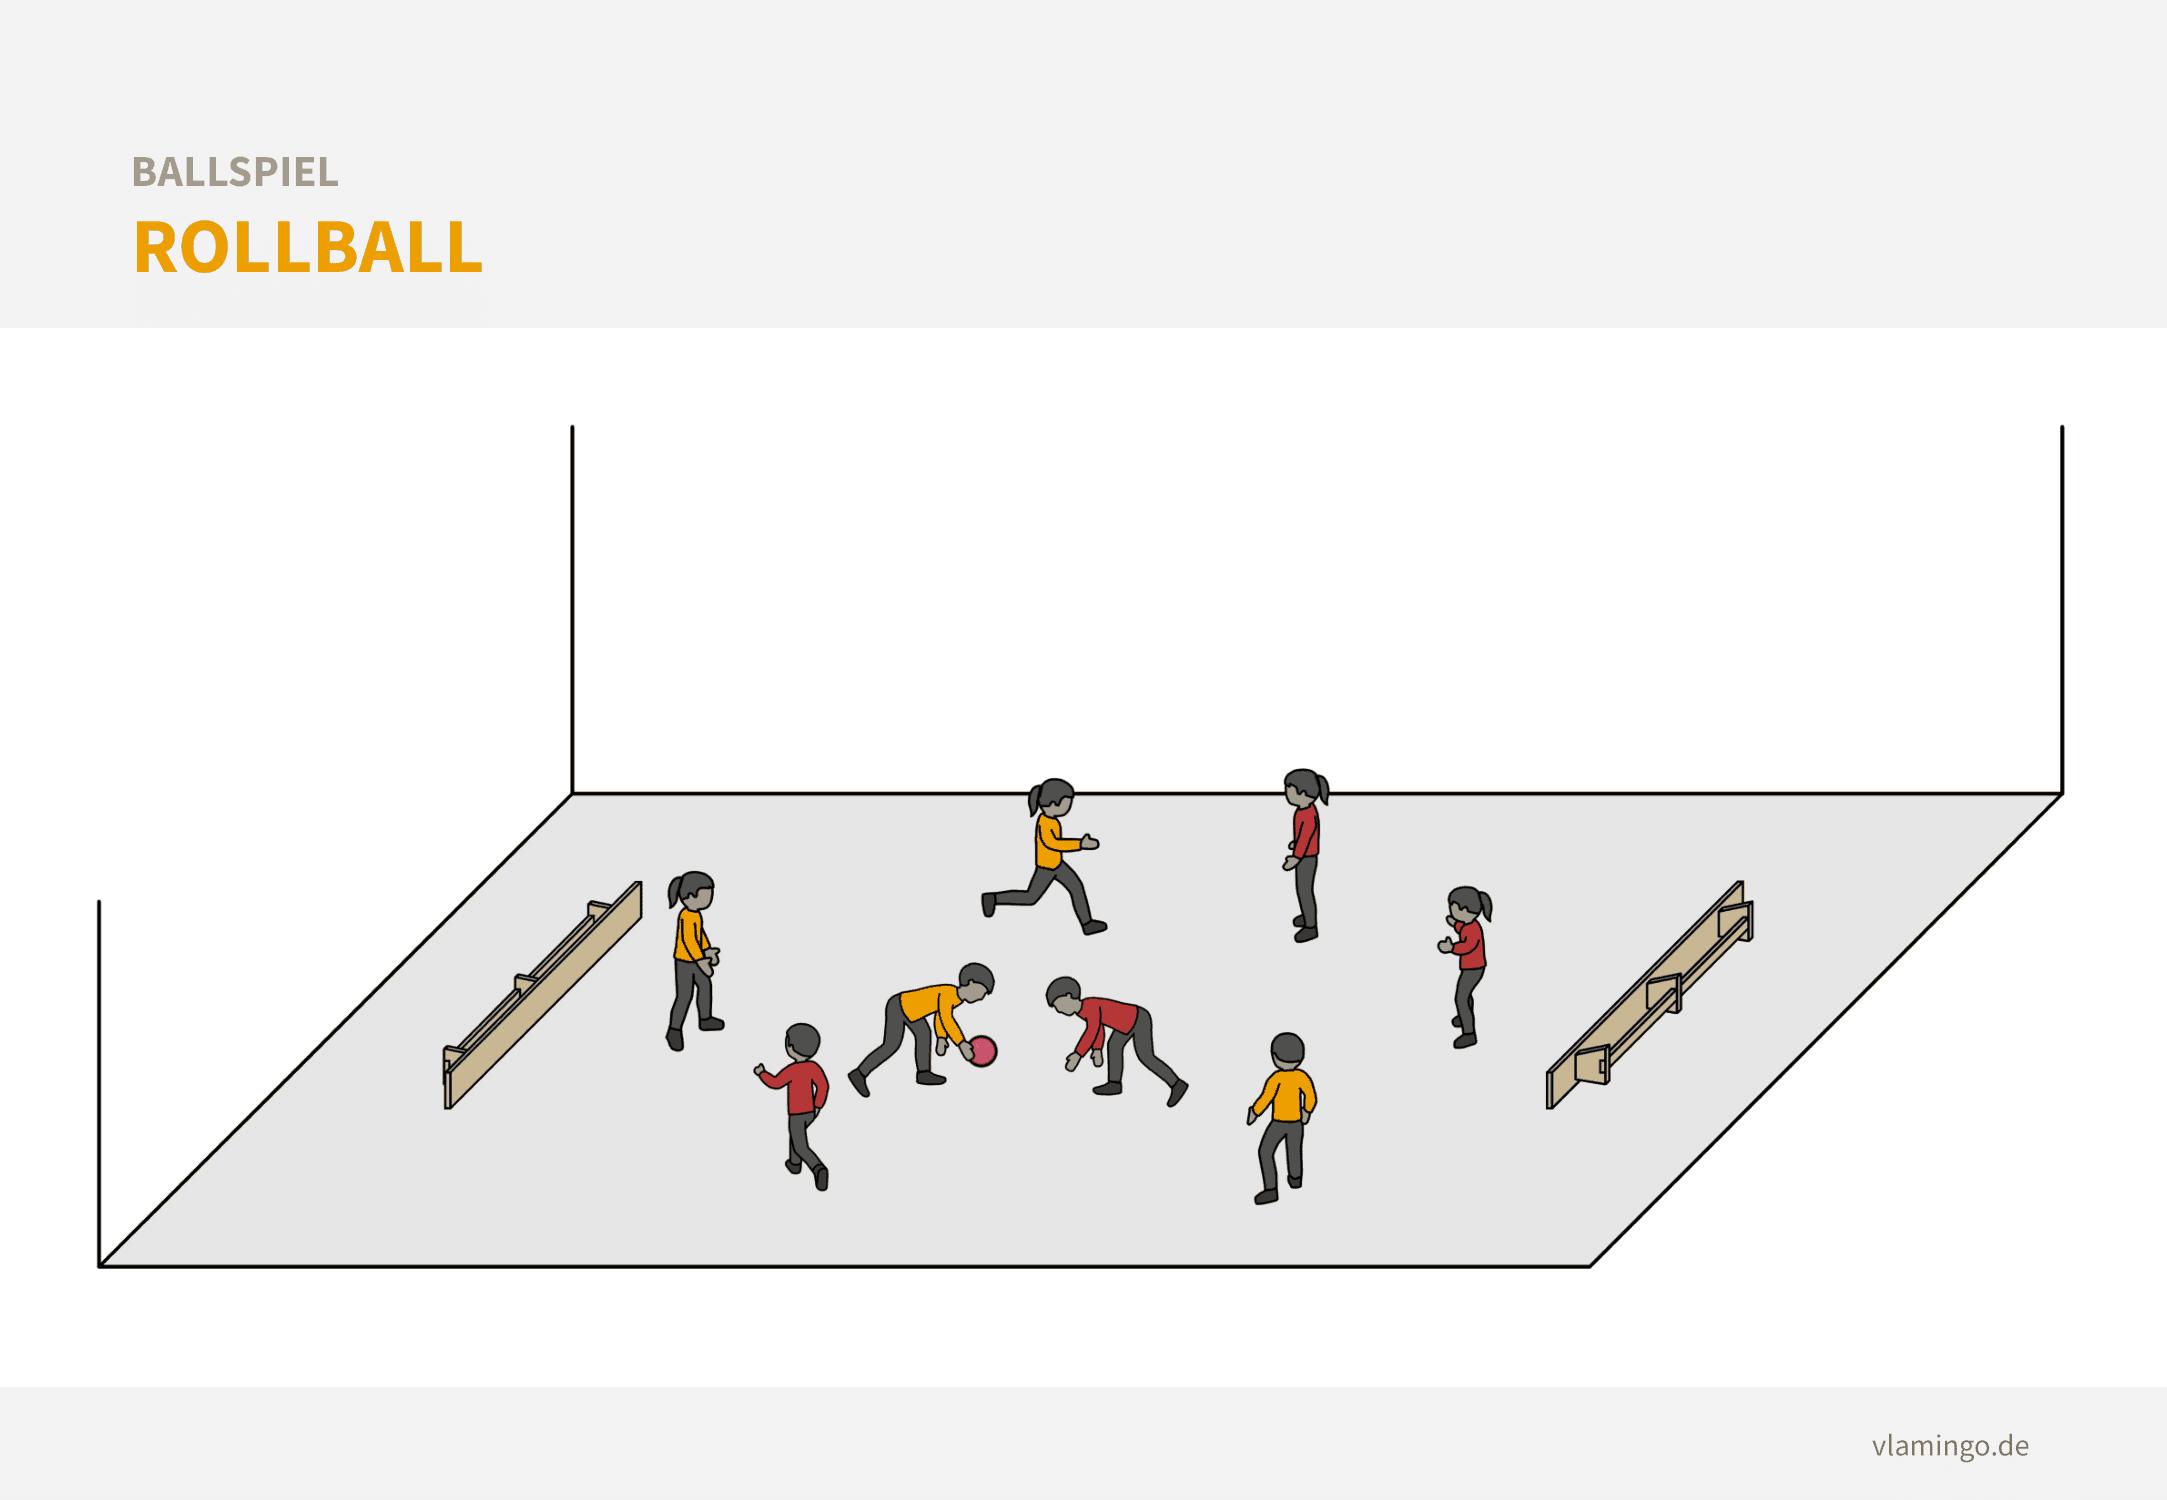 Ballspiel: Rollball